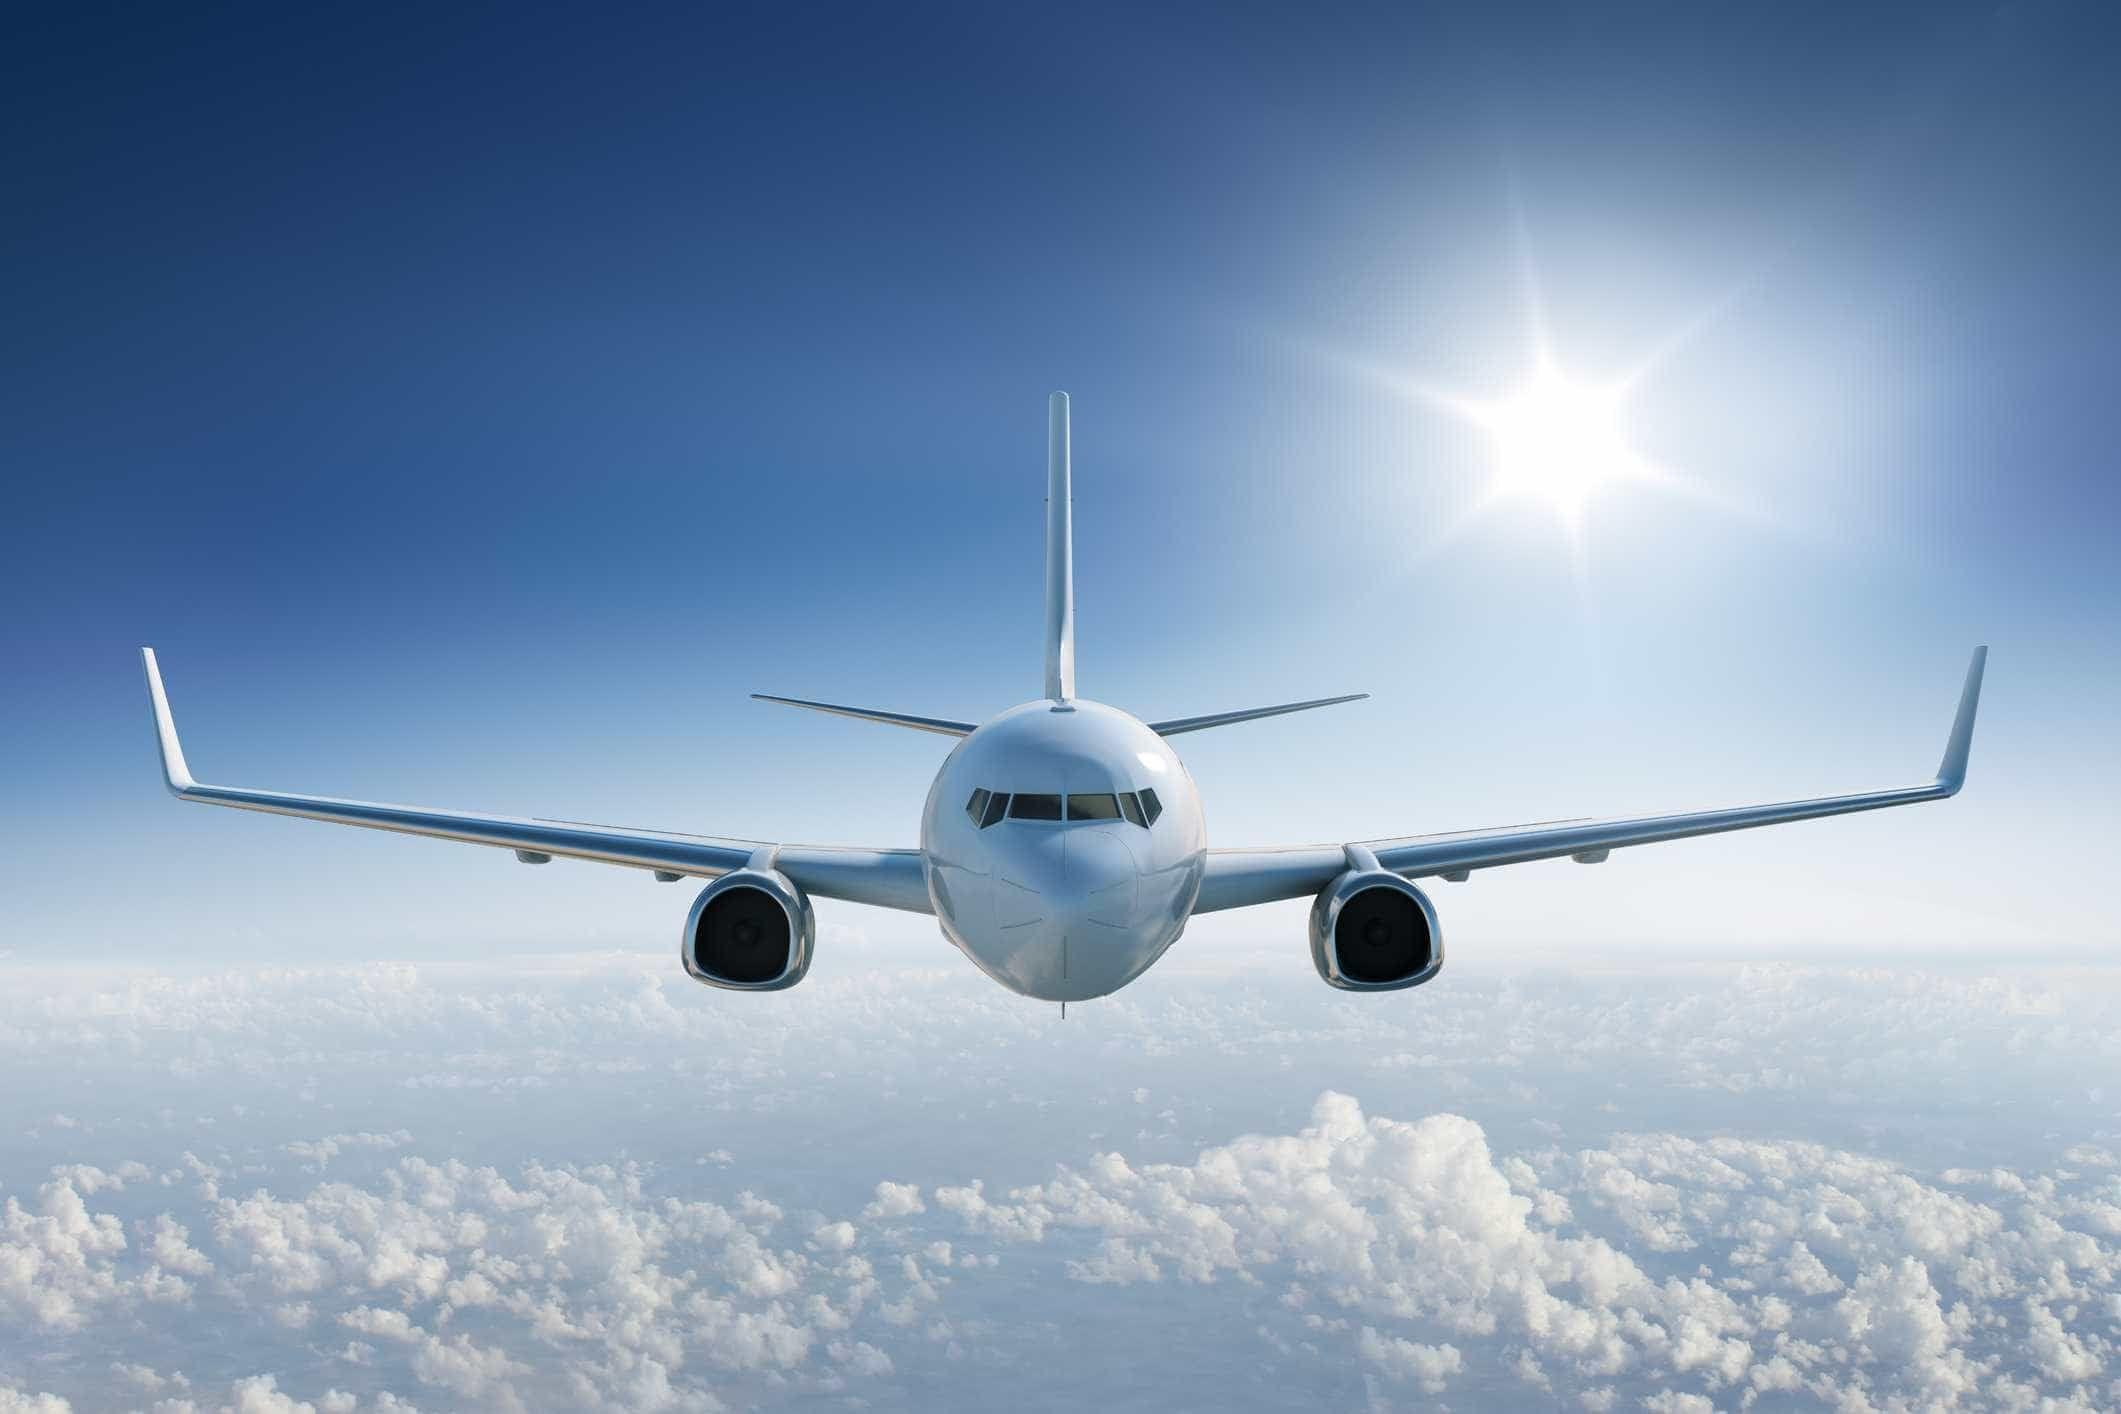 Mais de 100 voos cancelados devido à greve da Alitalia e Air Italy